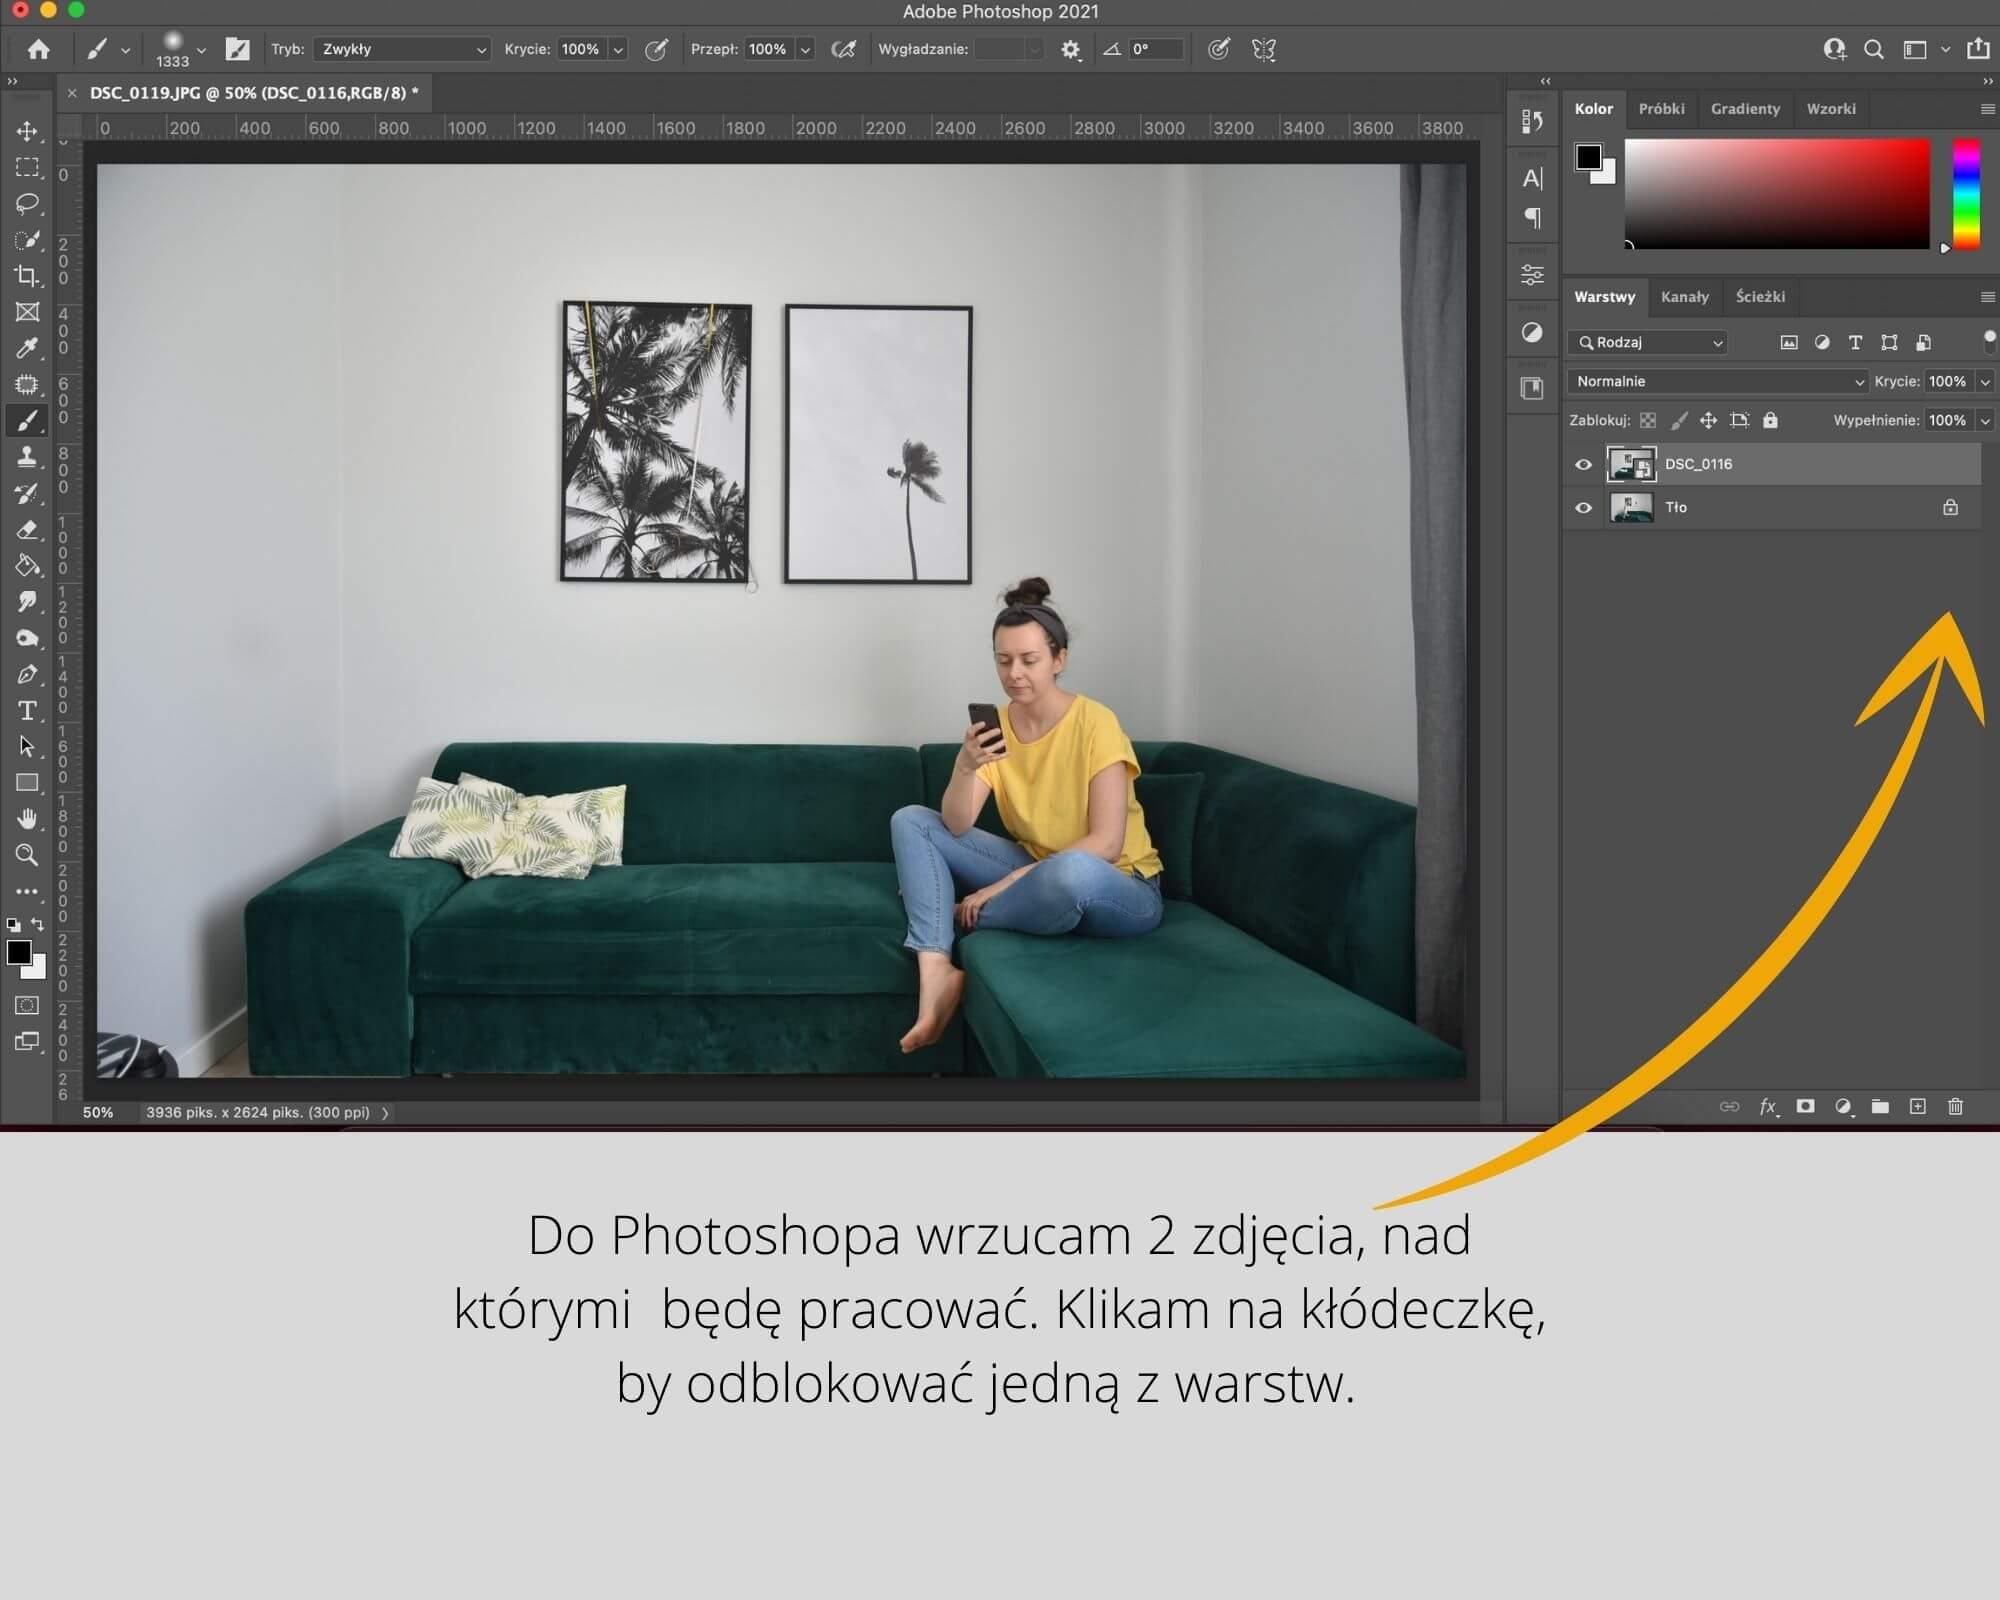 Jak edytowaćzdjęcia w Photoshopie